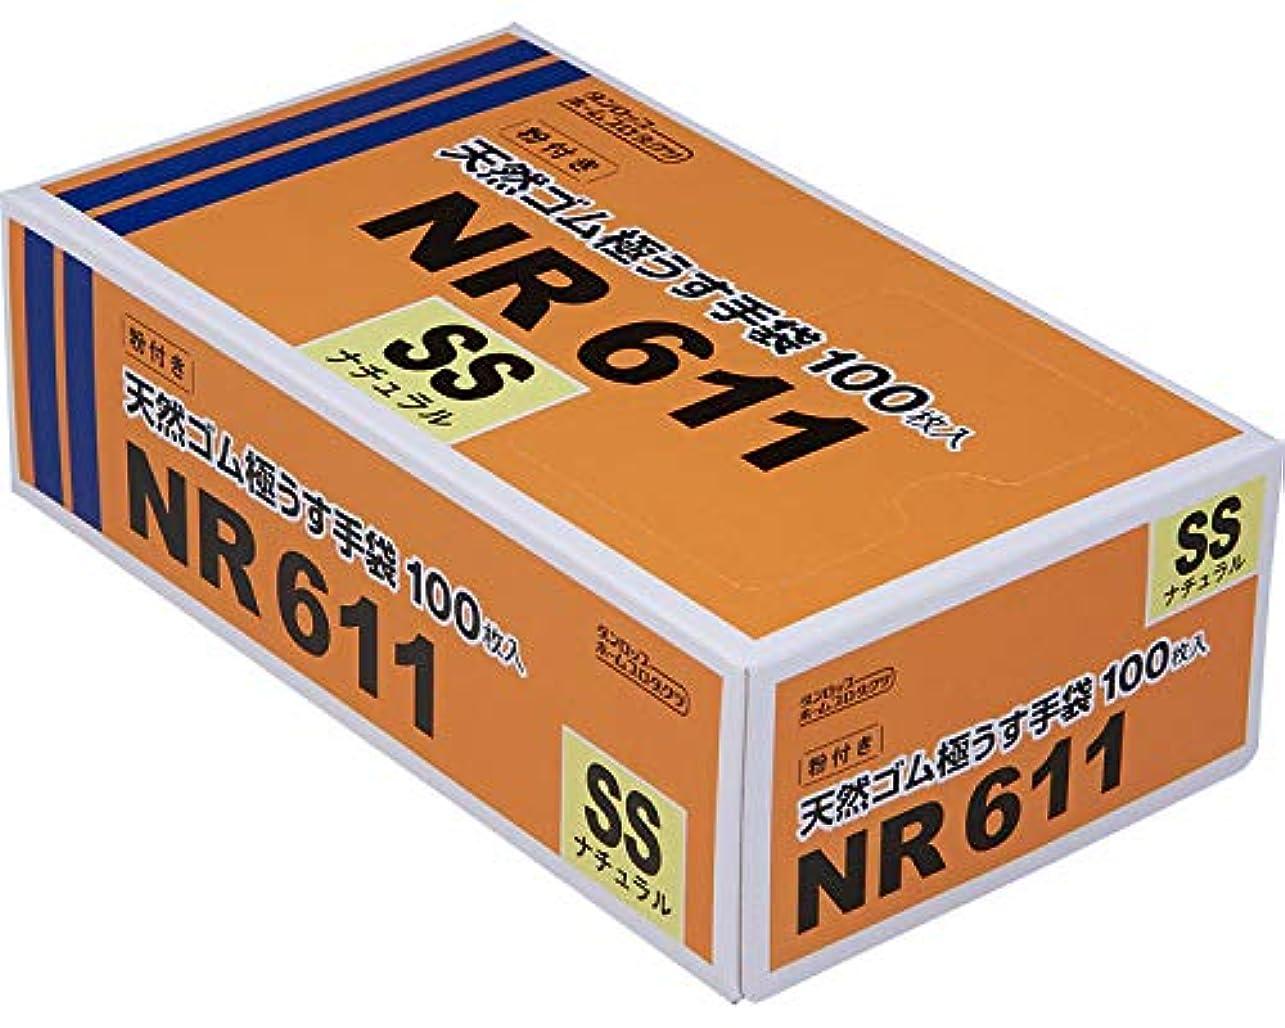 避難するモンク読み書きのできない【ダンロップ】粉付天然ゴム極うす手袋ナチュラル(20箱入)NR611 (1ケース, SSサイズ)